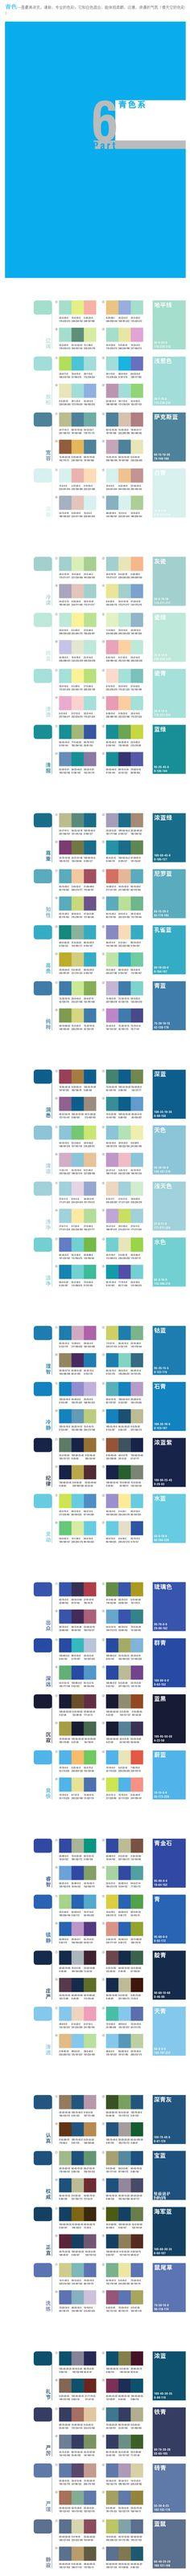 经典配色方案 - 青色 #色彩#